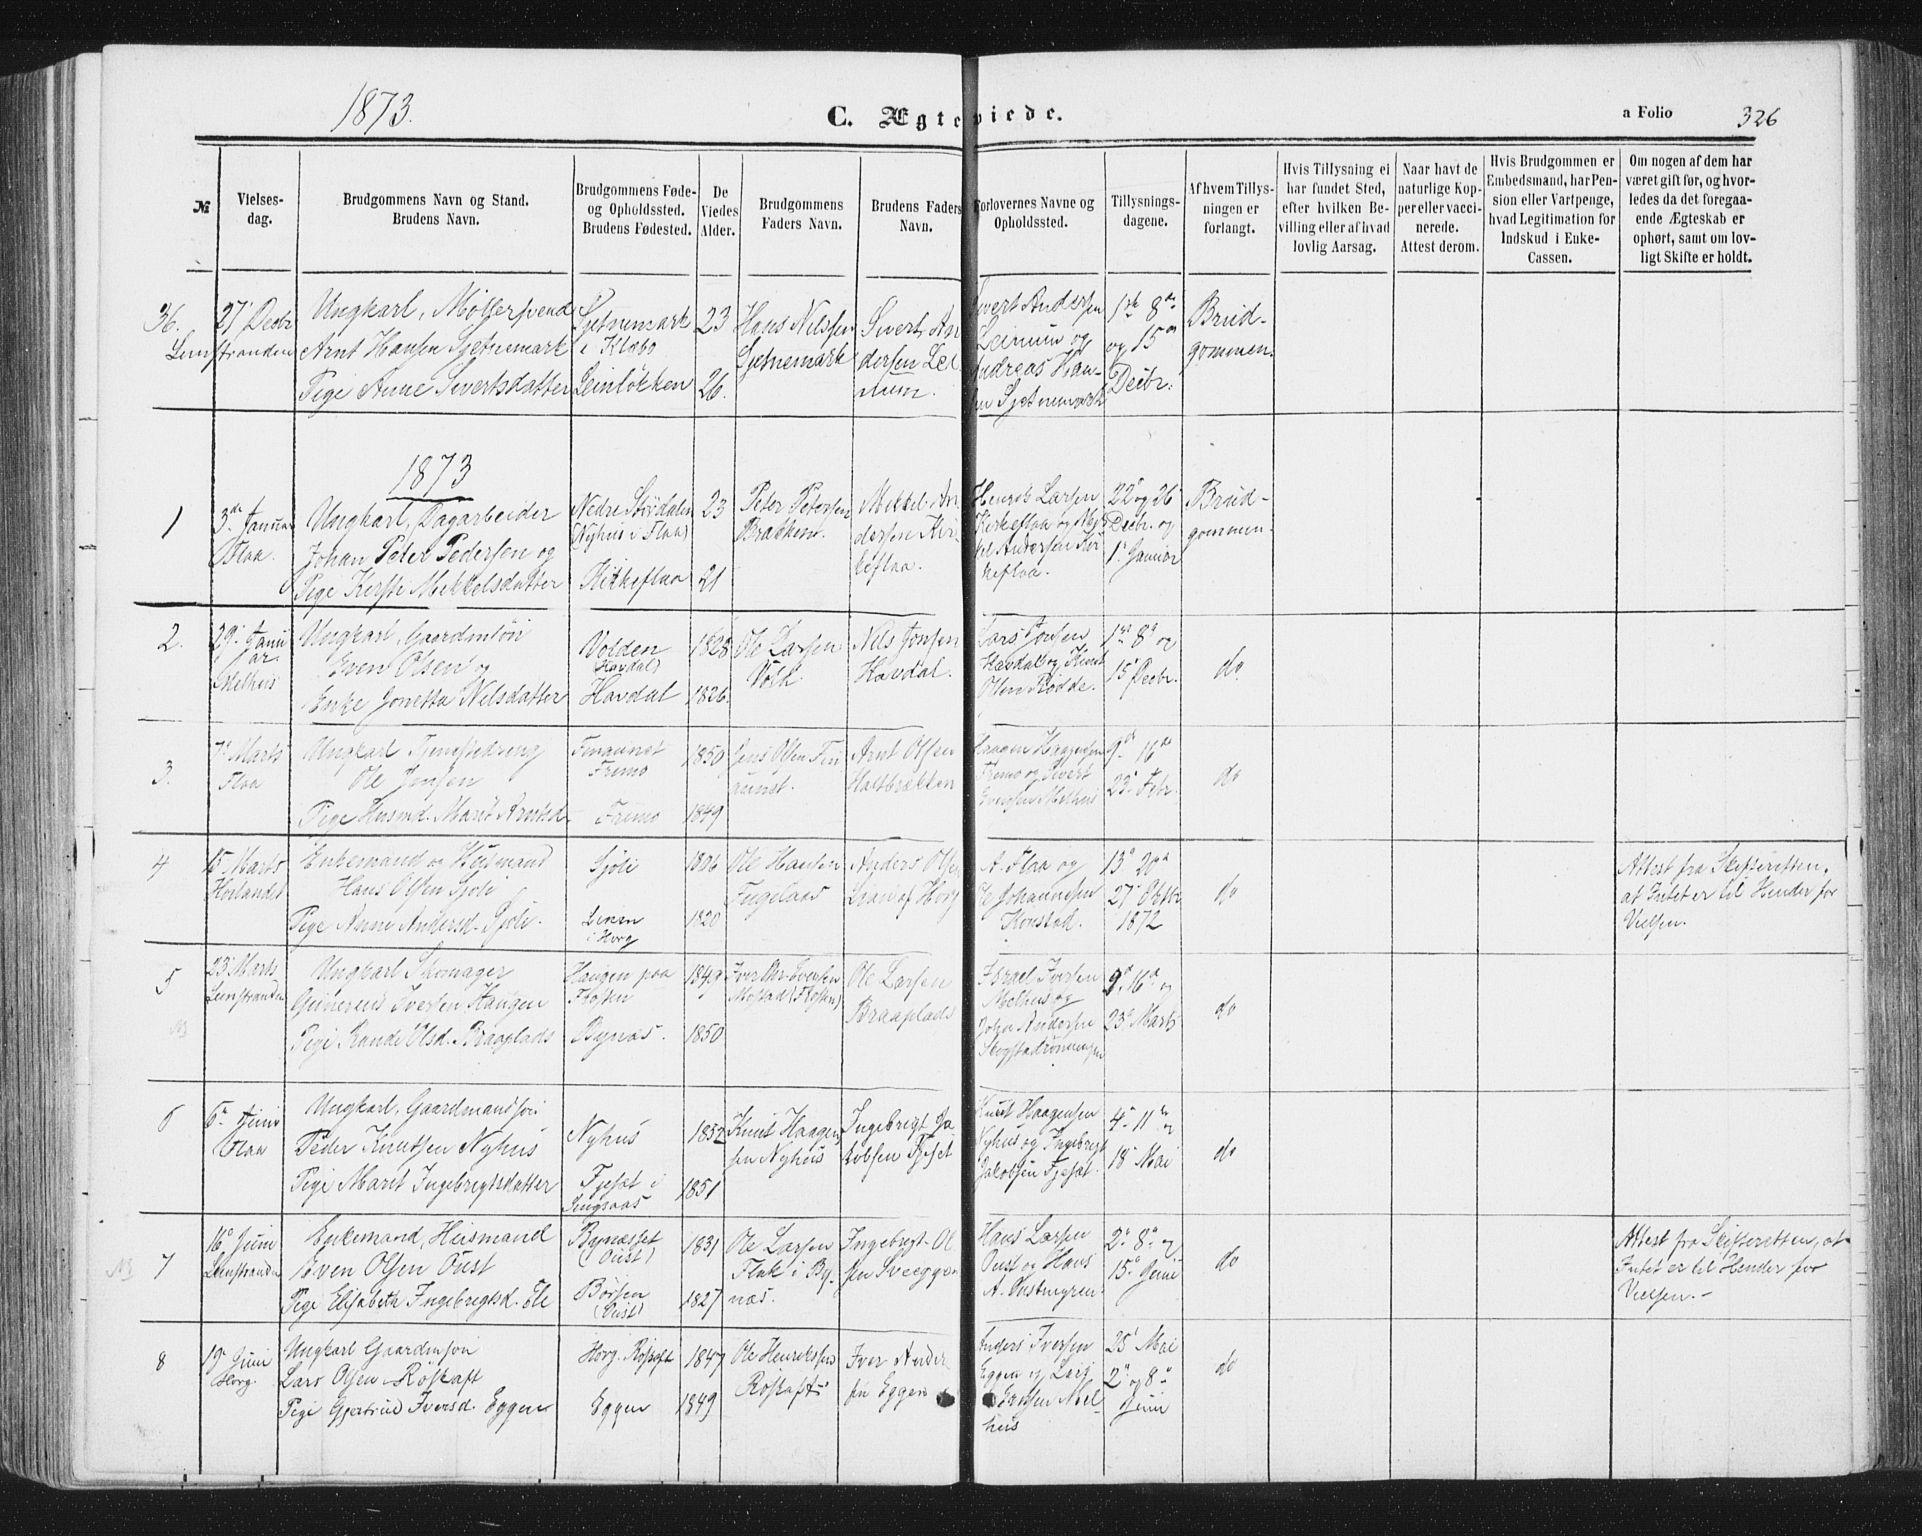 SAT, Ministerialprotokoller, klokkerbøker og fødselsregistre - Sør-Trøndelag, 691/L1077: Ministerialbok nr. 691A09, 1862-1873, s. 326